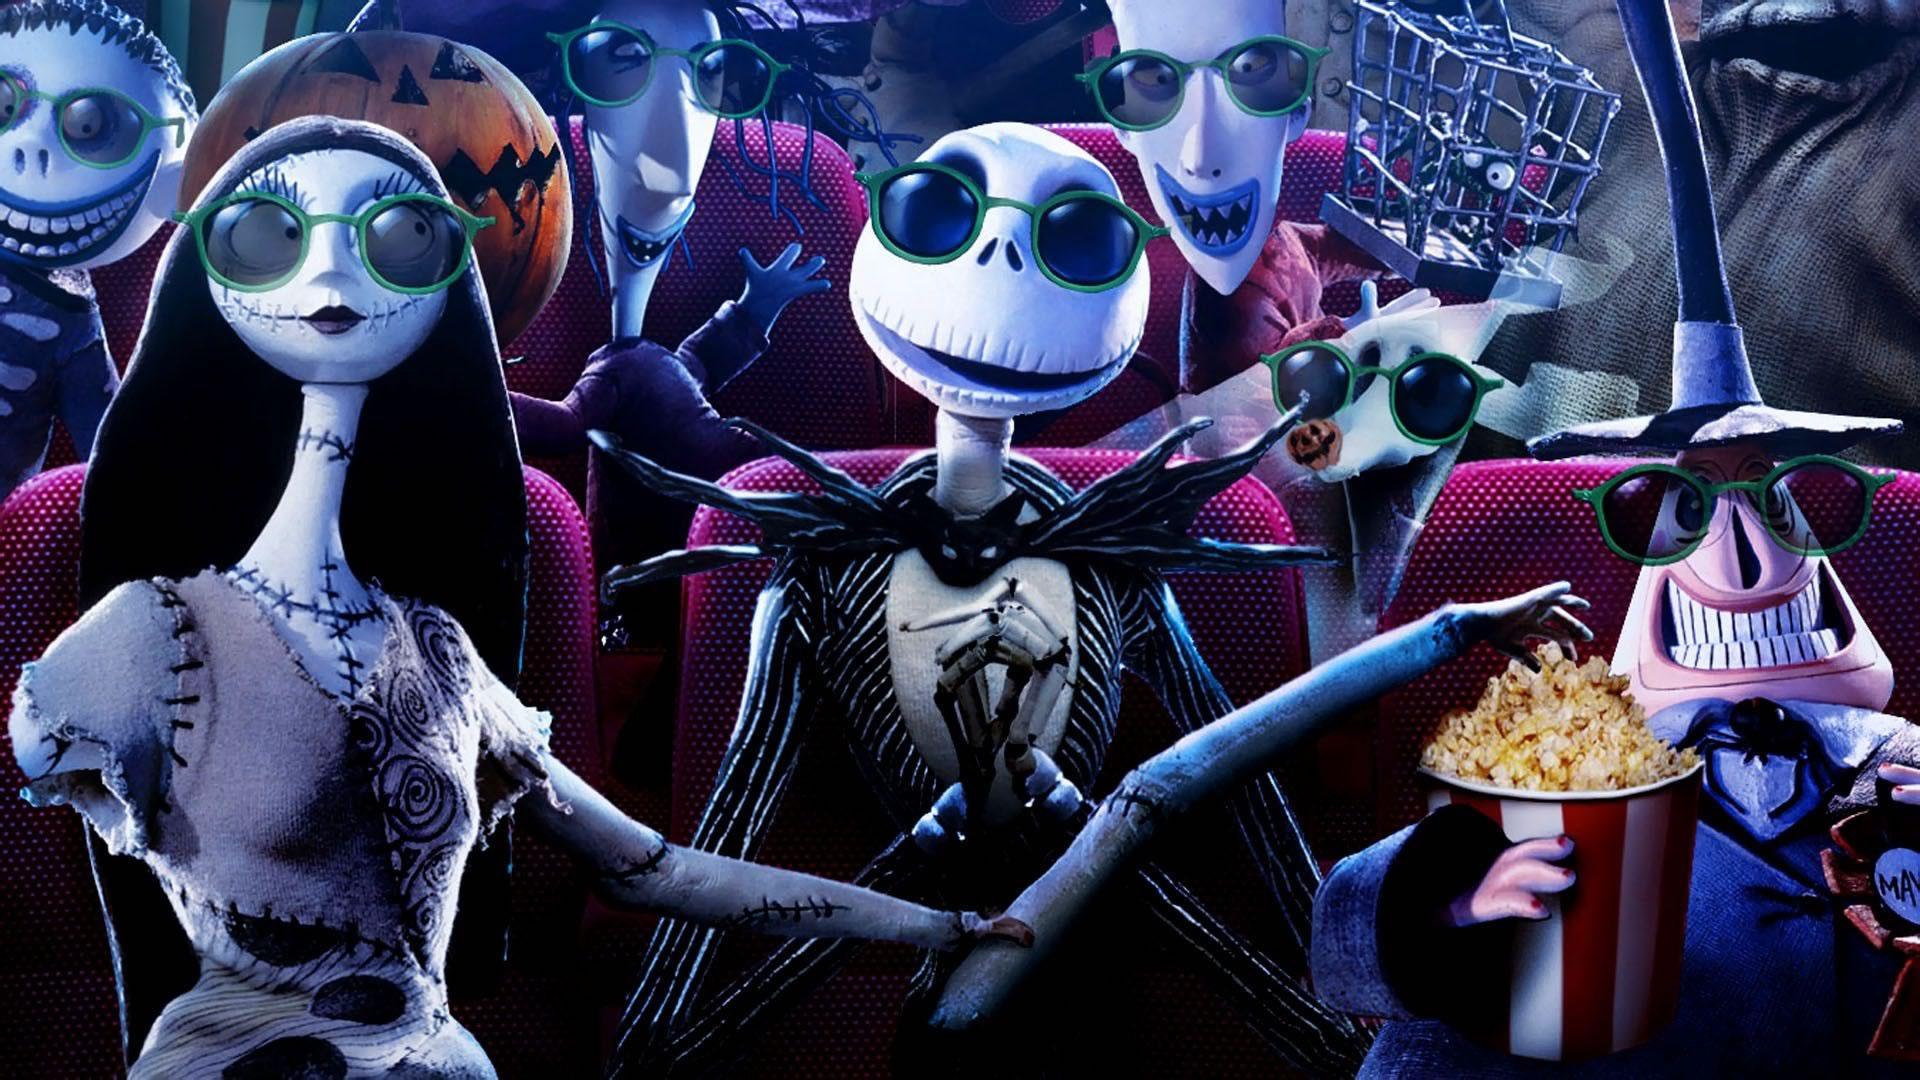 download wallpaper: Halloween bioscoop wallpaper